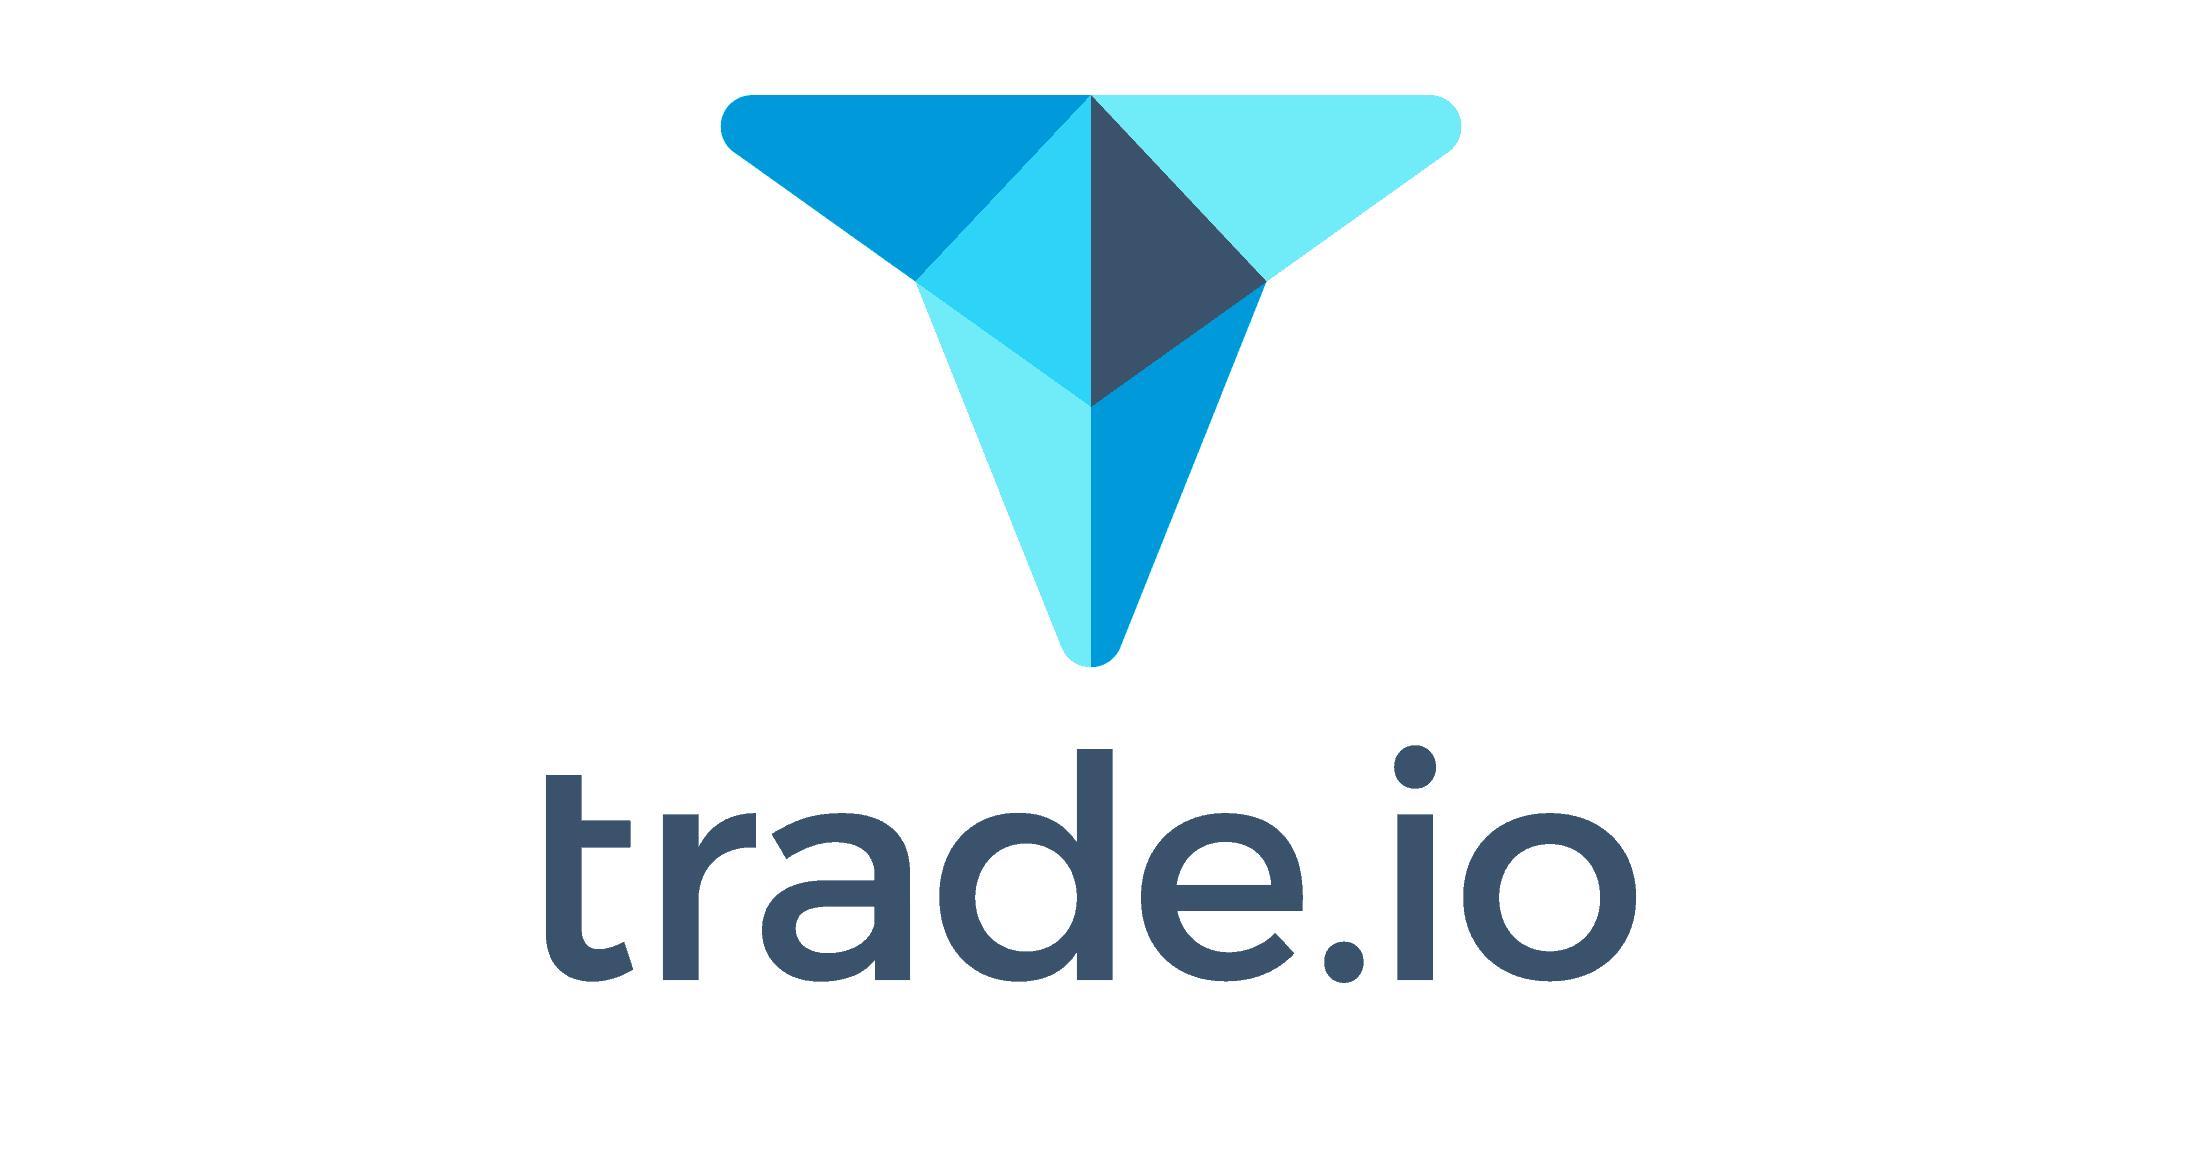 trade.io_